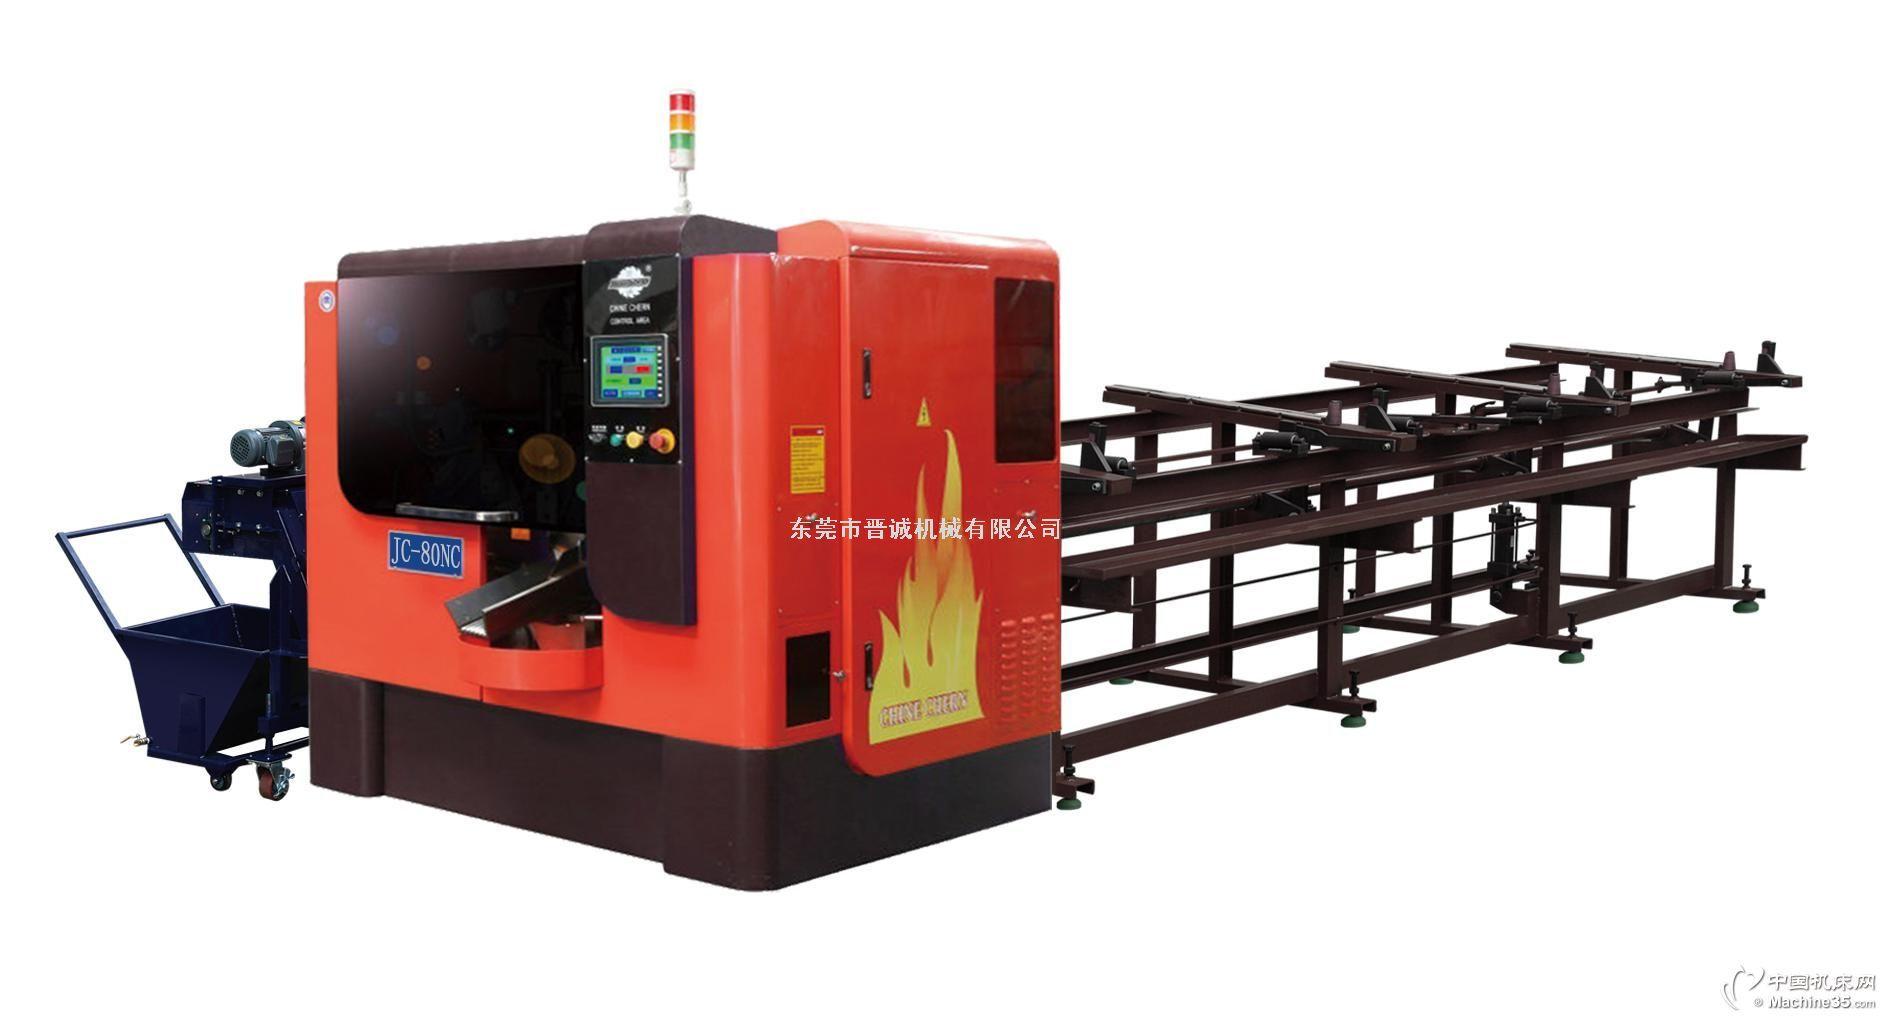 全自动数控开料机五金切割机超硬质金属材料高速精密圆锯机切管机